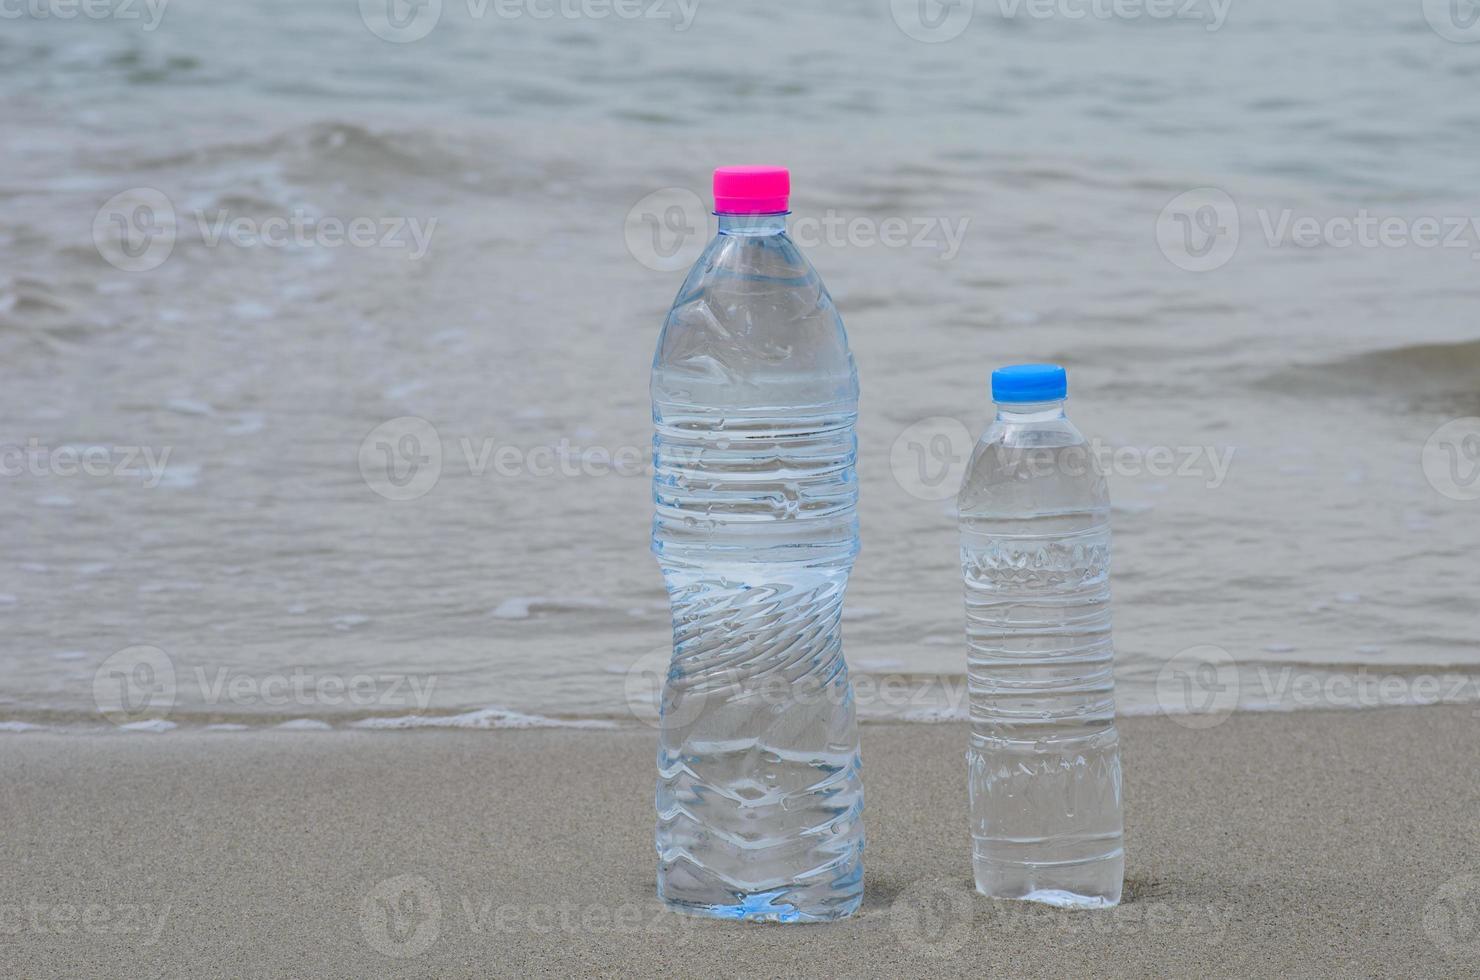 acqua potabile sulla spiaggia foto